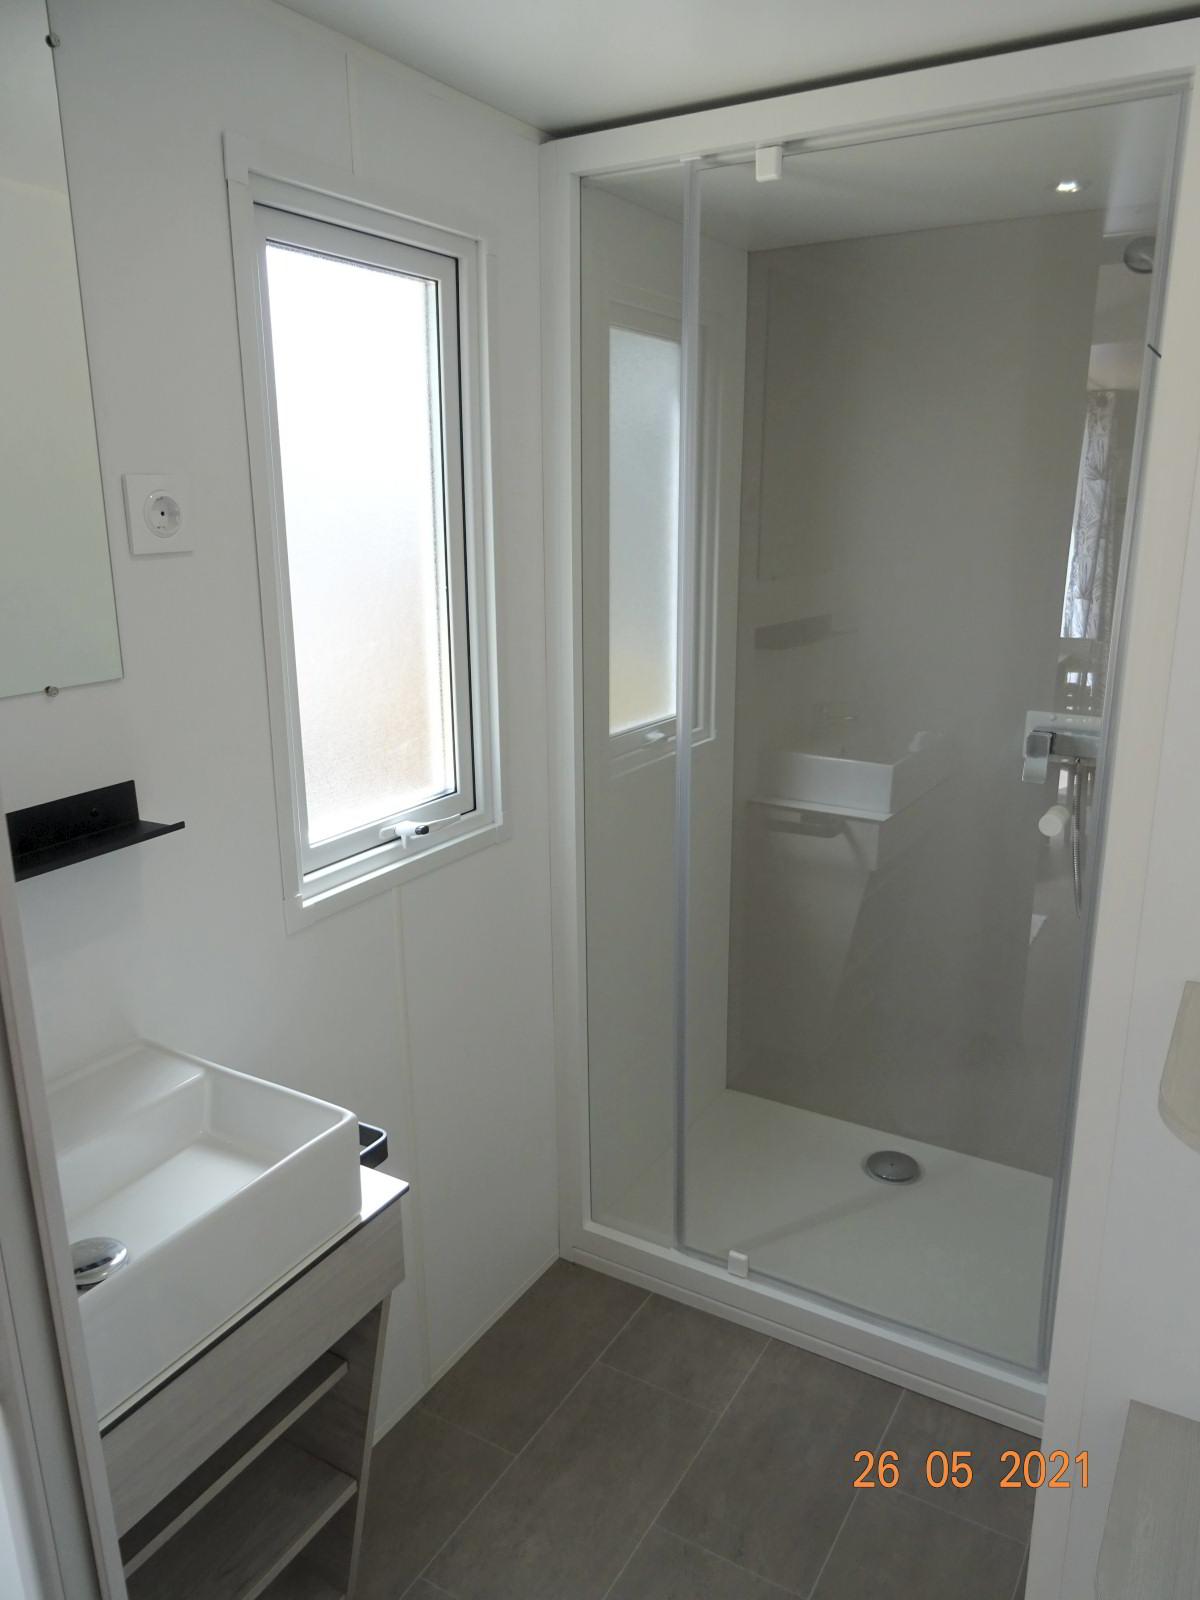 Sanitaire, nouveau mobil-home 2 chambres